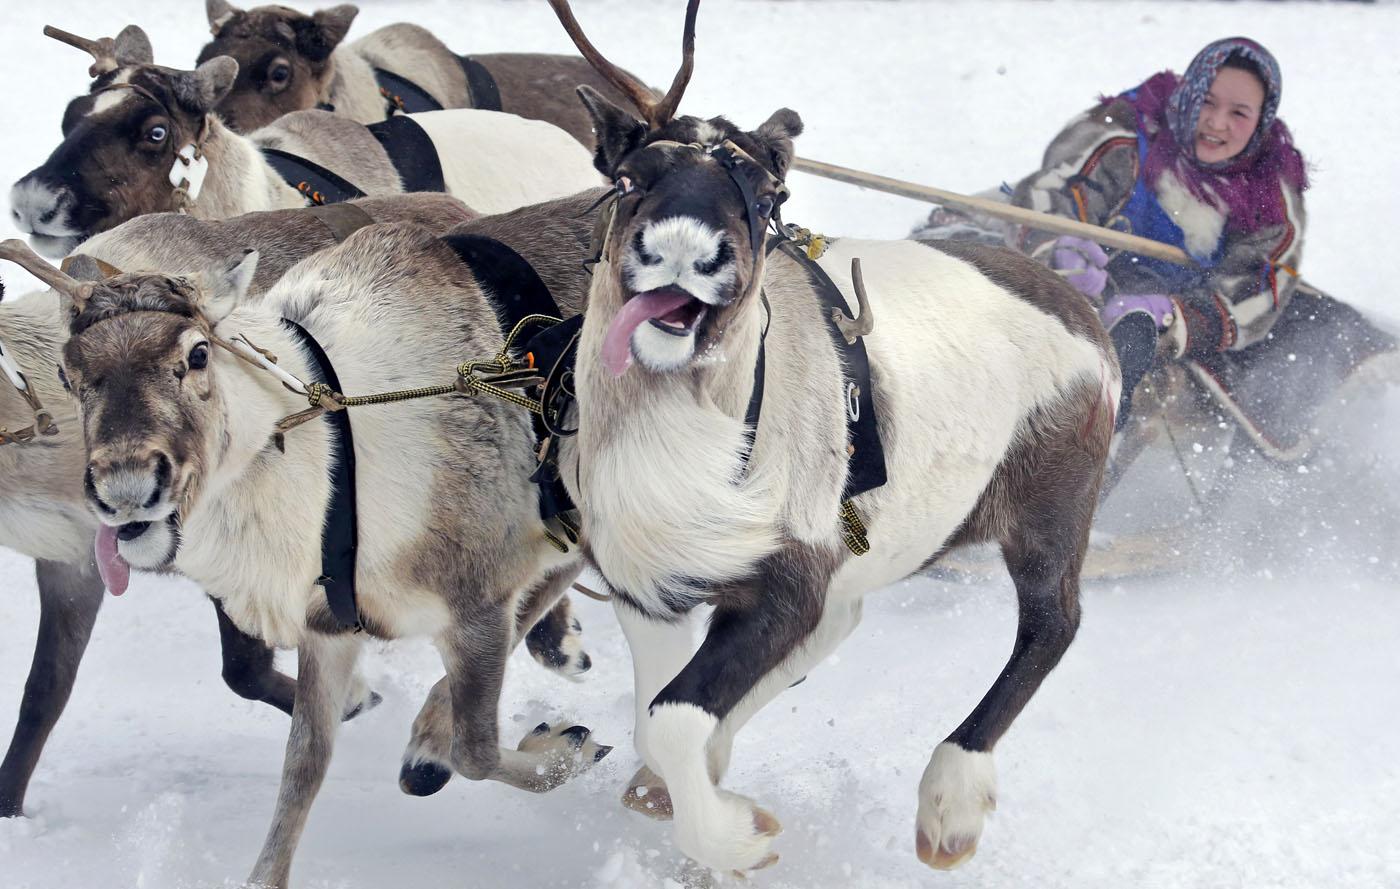 Herding reindeer in Russia